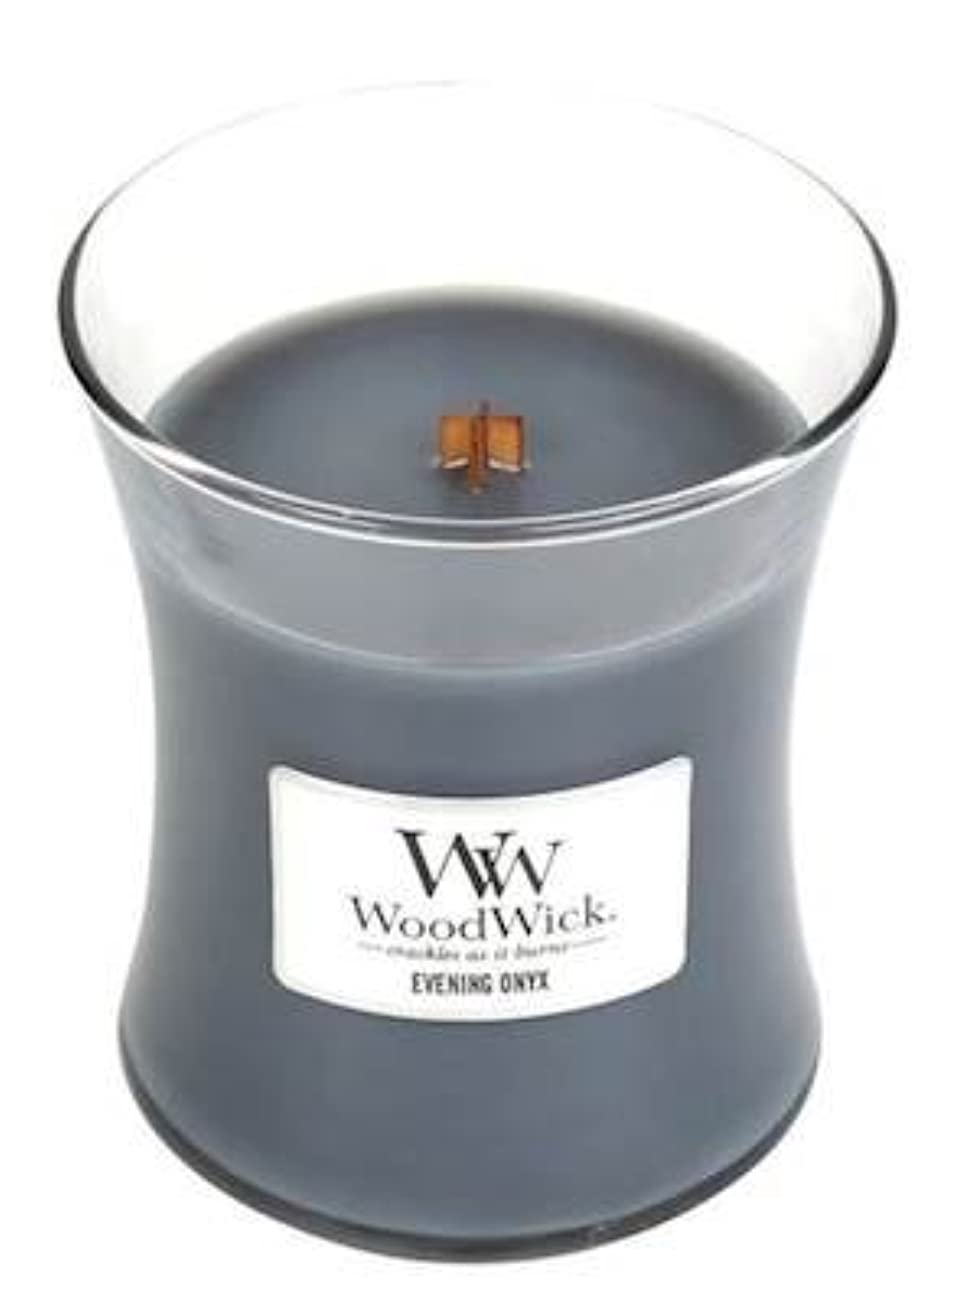 草許可スクラップイブニングオニキスWoodWick 10 oz Medium砂時計Jar Candle Burns 100時間